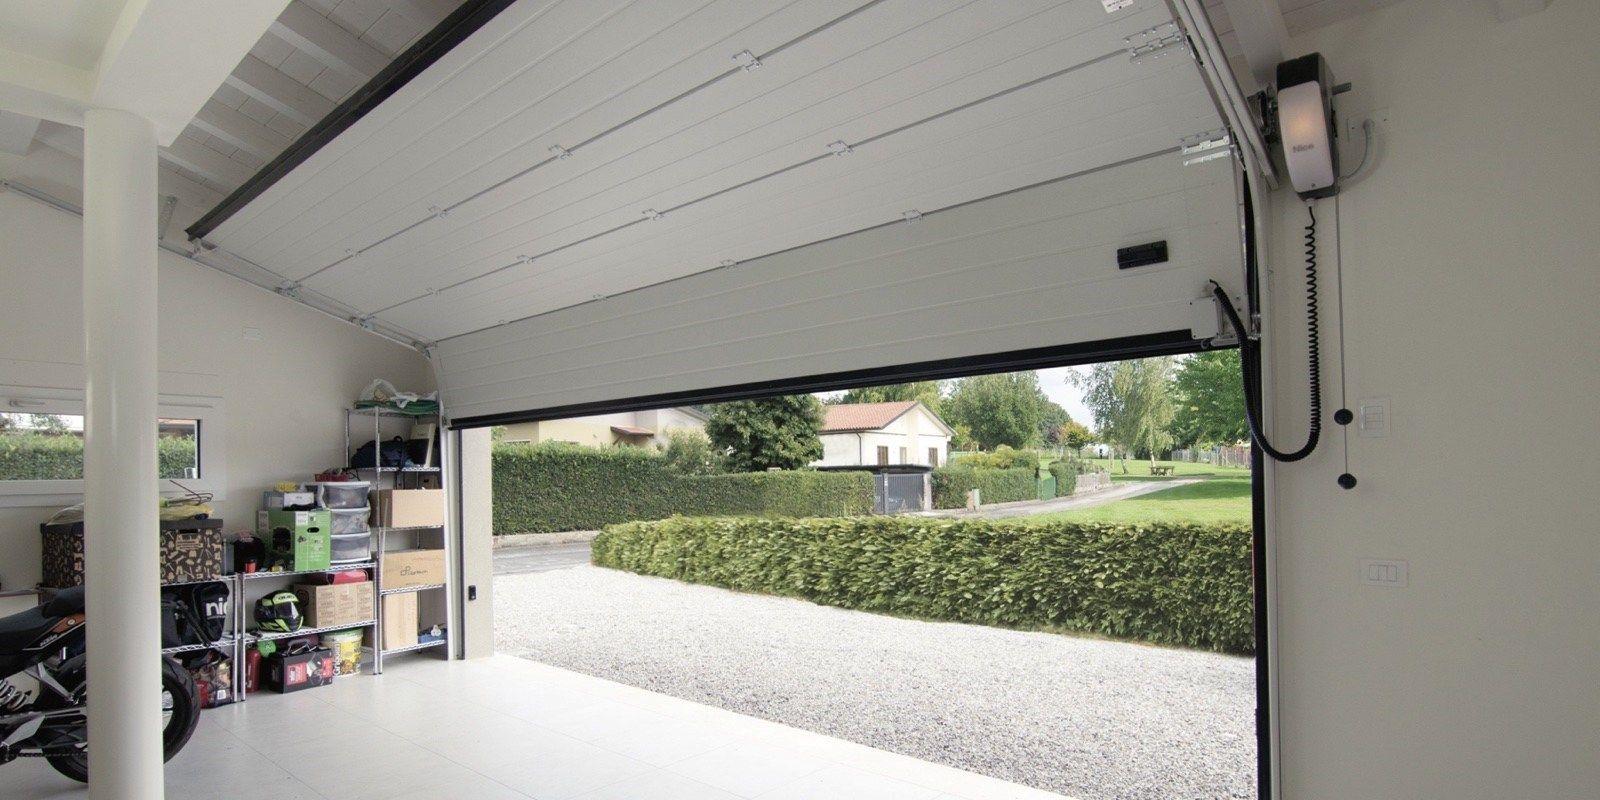 Automazioni Breda: tante comodità per il tuo portone sezionale